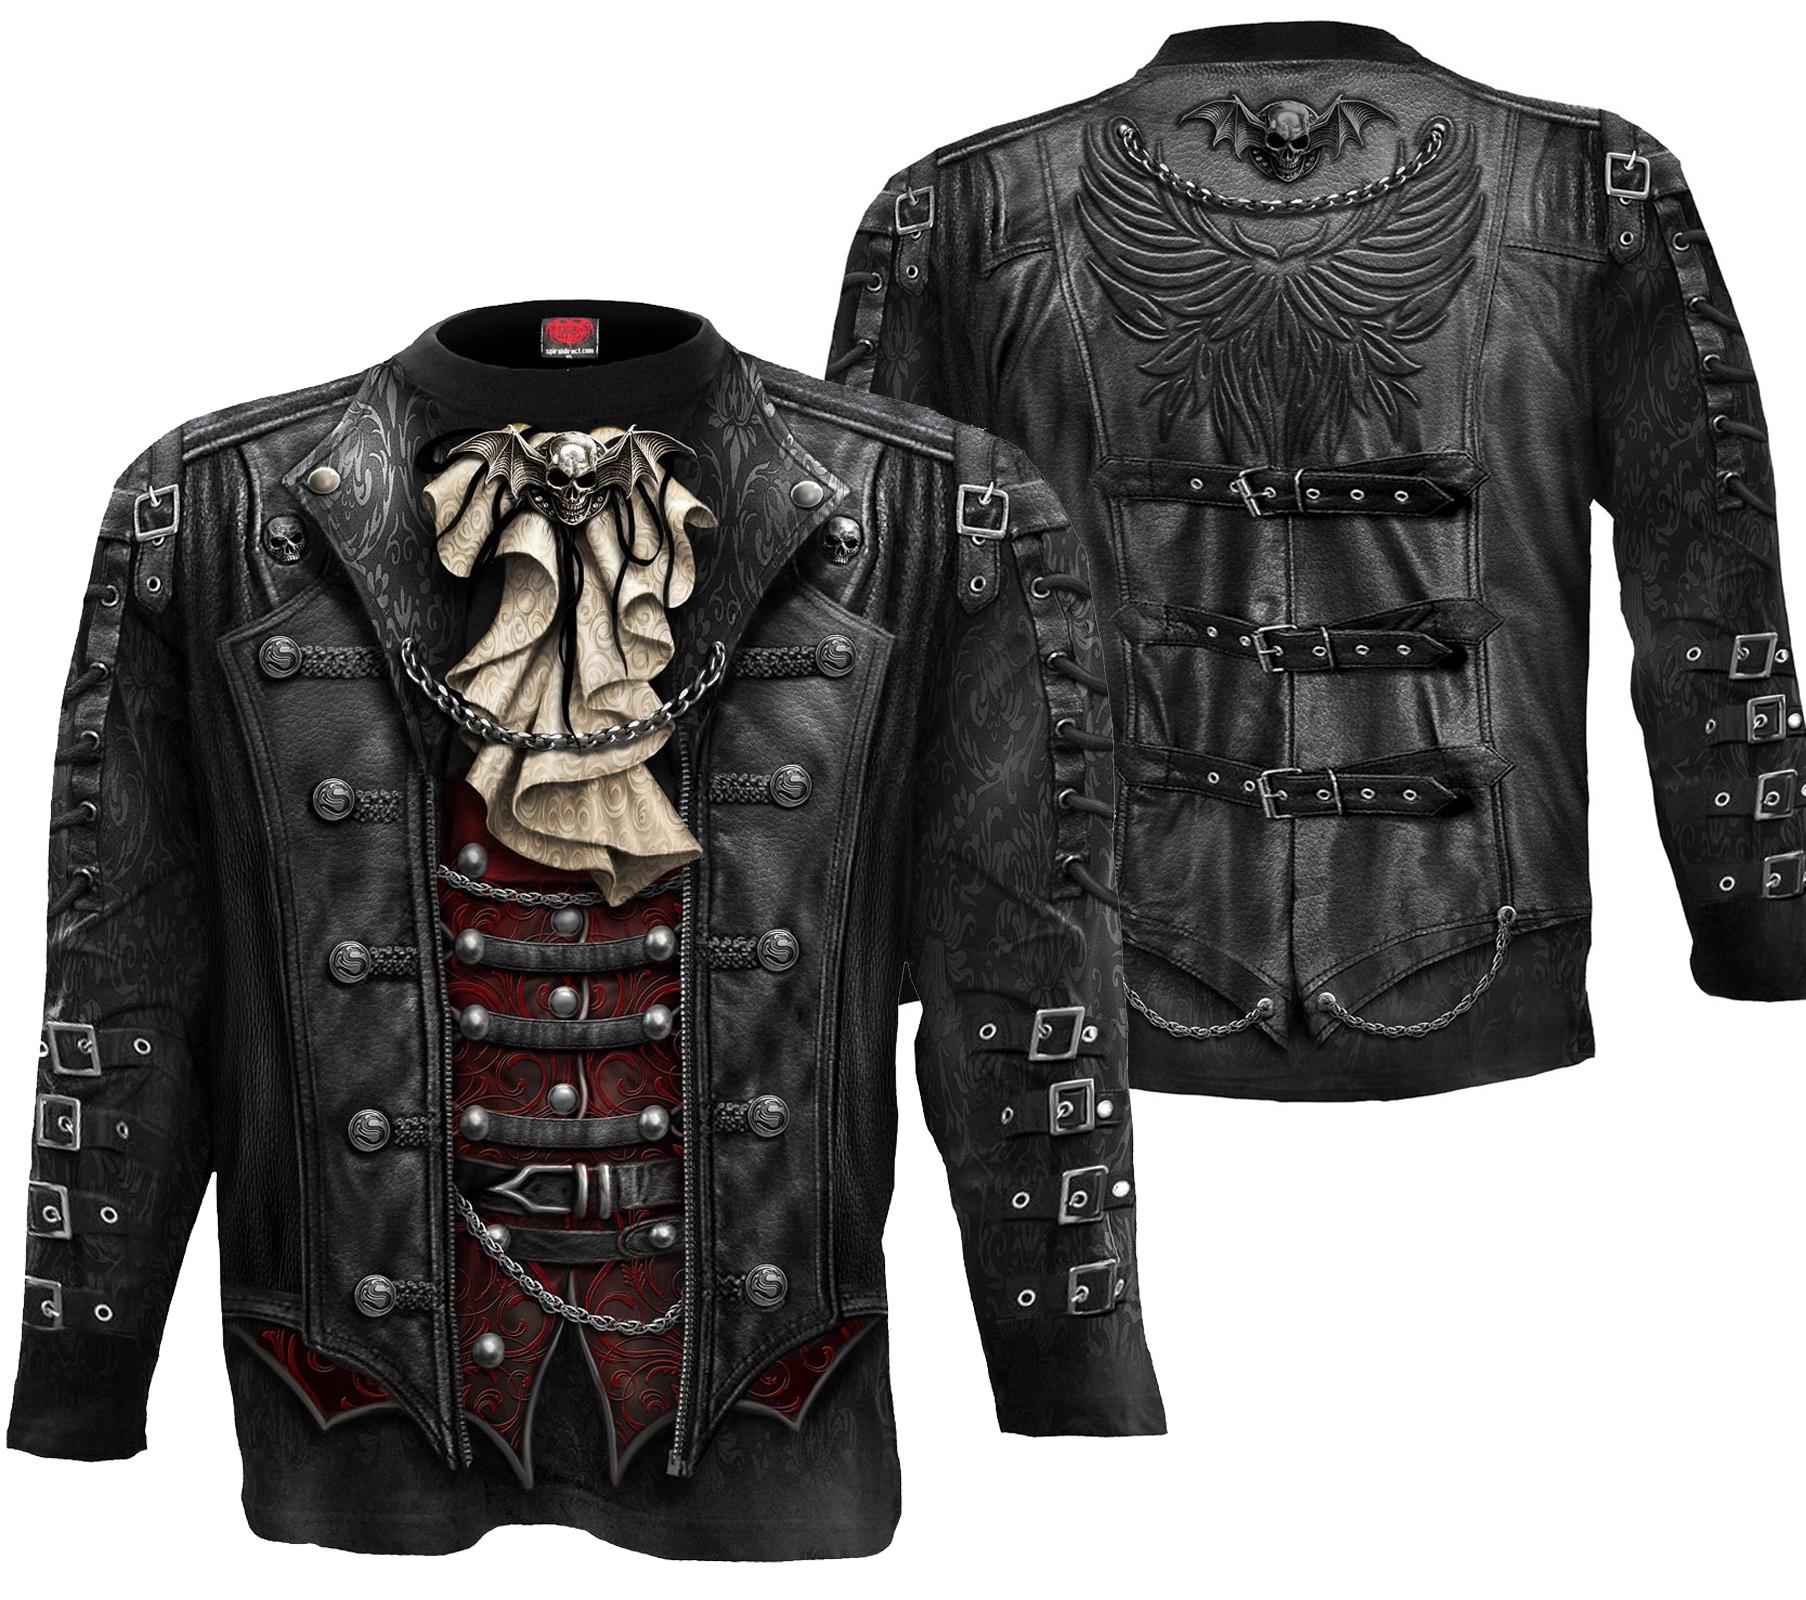 SPIRAL Goth Wrap Langarm Shirt Rundumdruck  W025M304